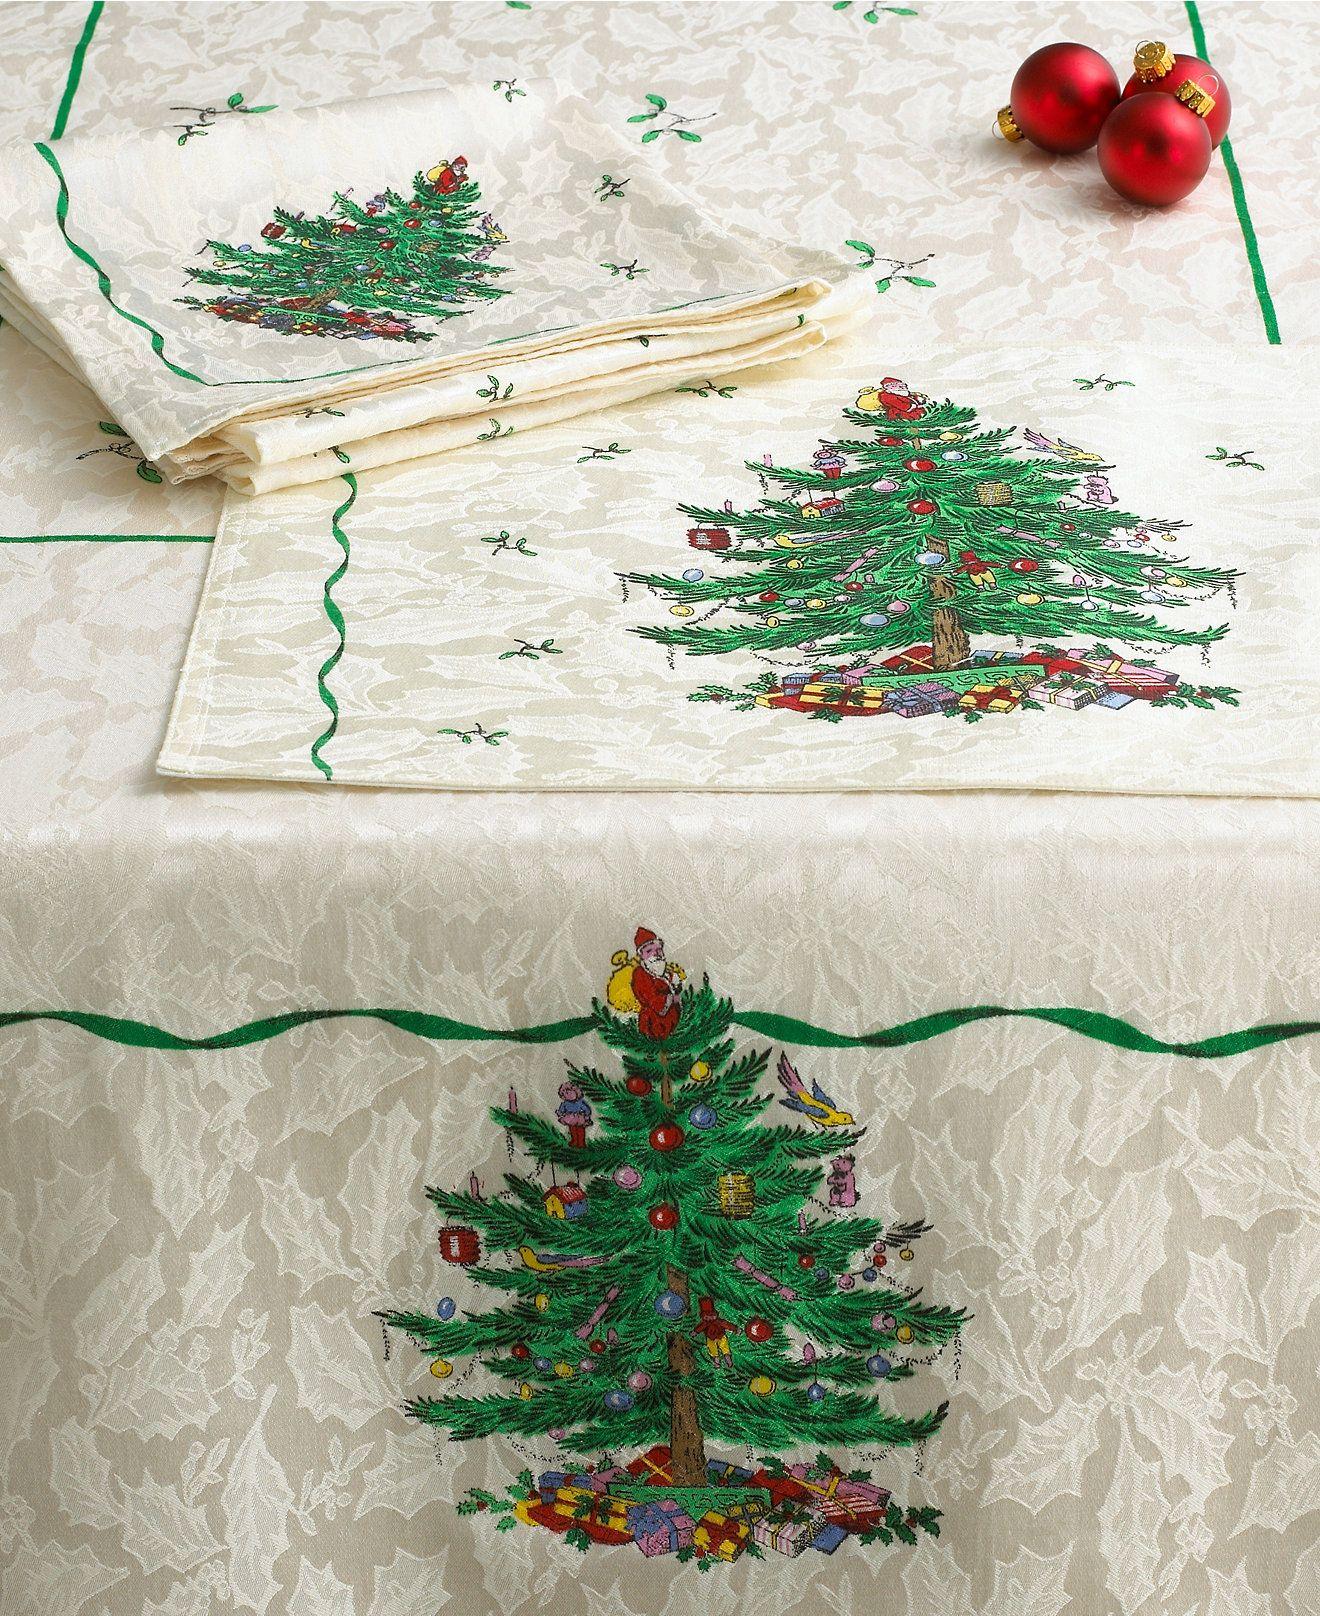 Spode Christmas Tree Table Linens Collection. | China: Christmas ...